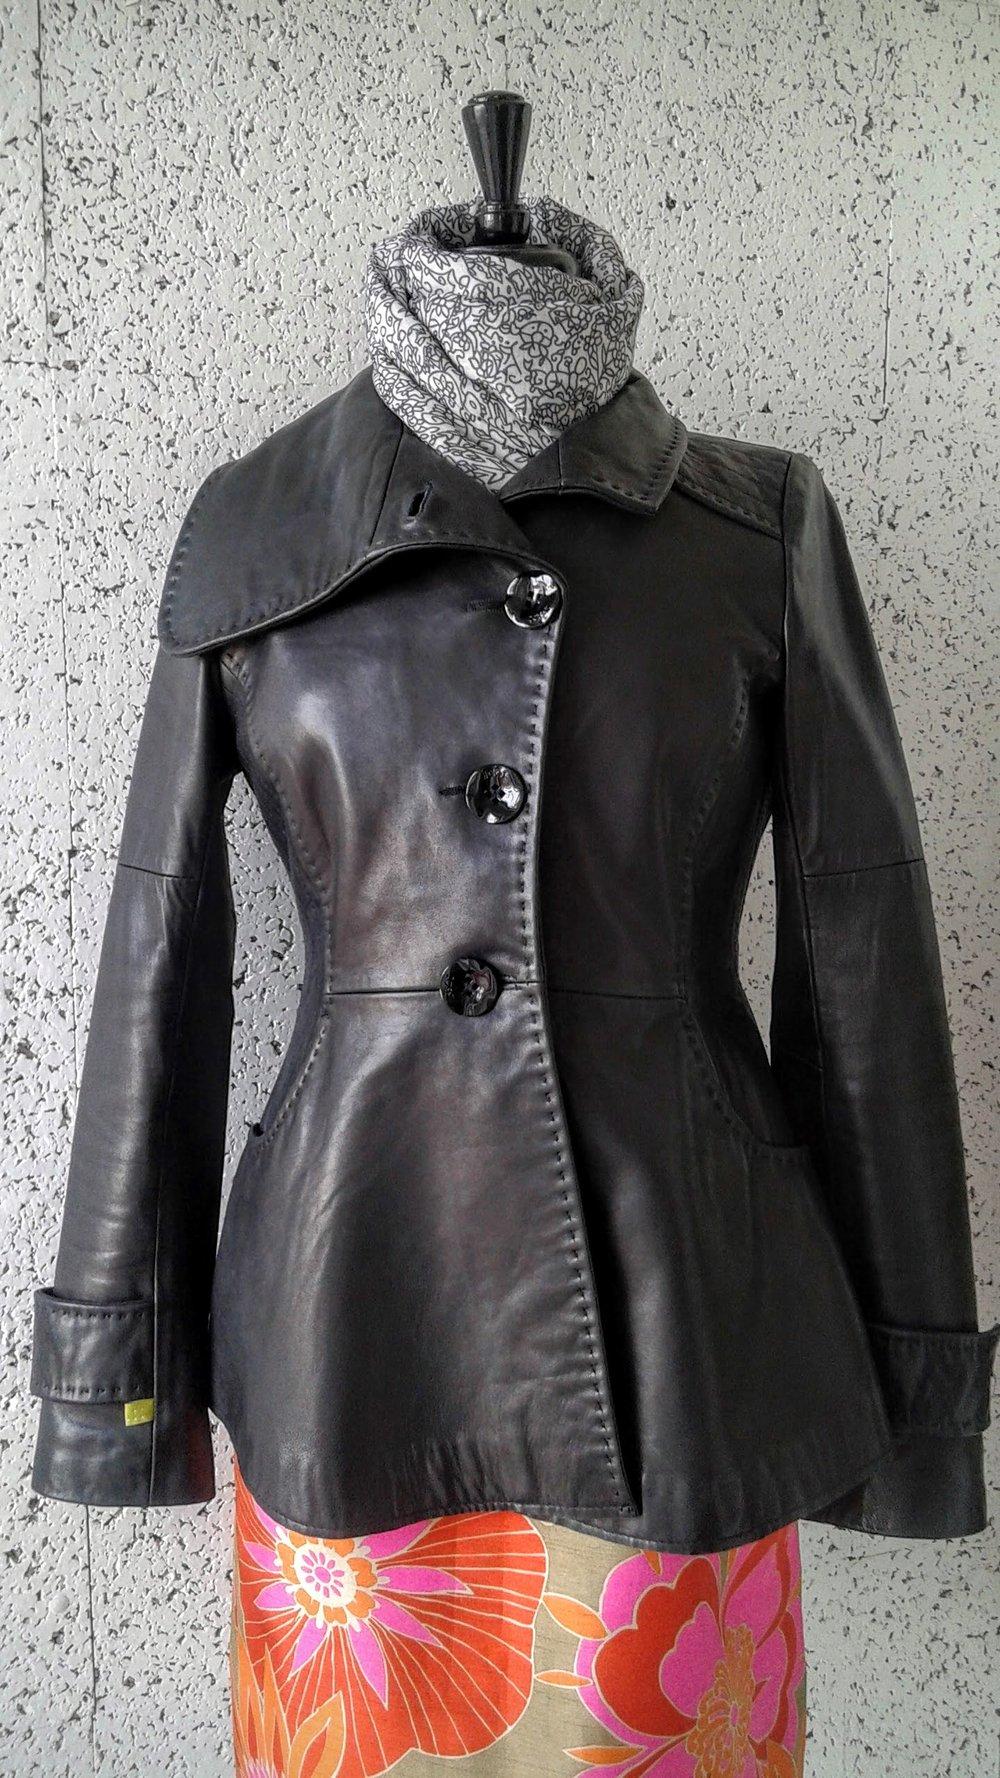 Soïa &Kyo leather jacket; Size M, $225